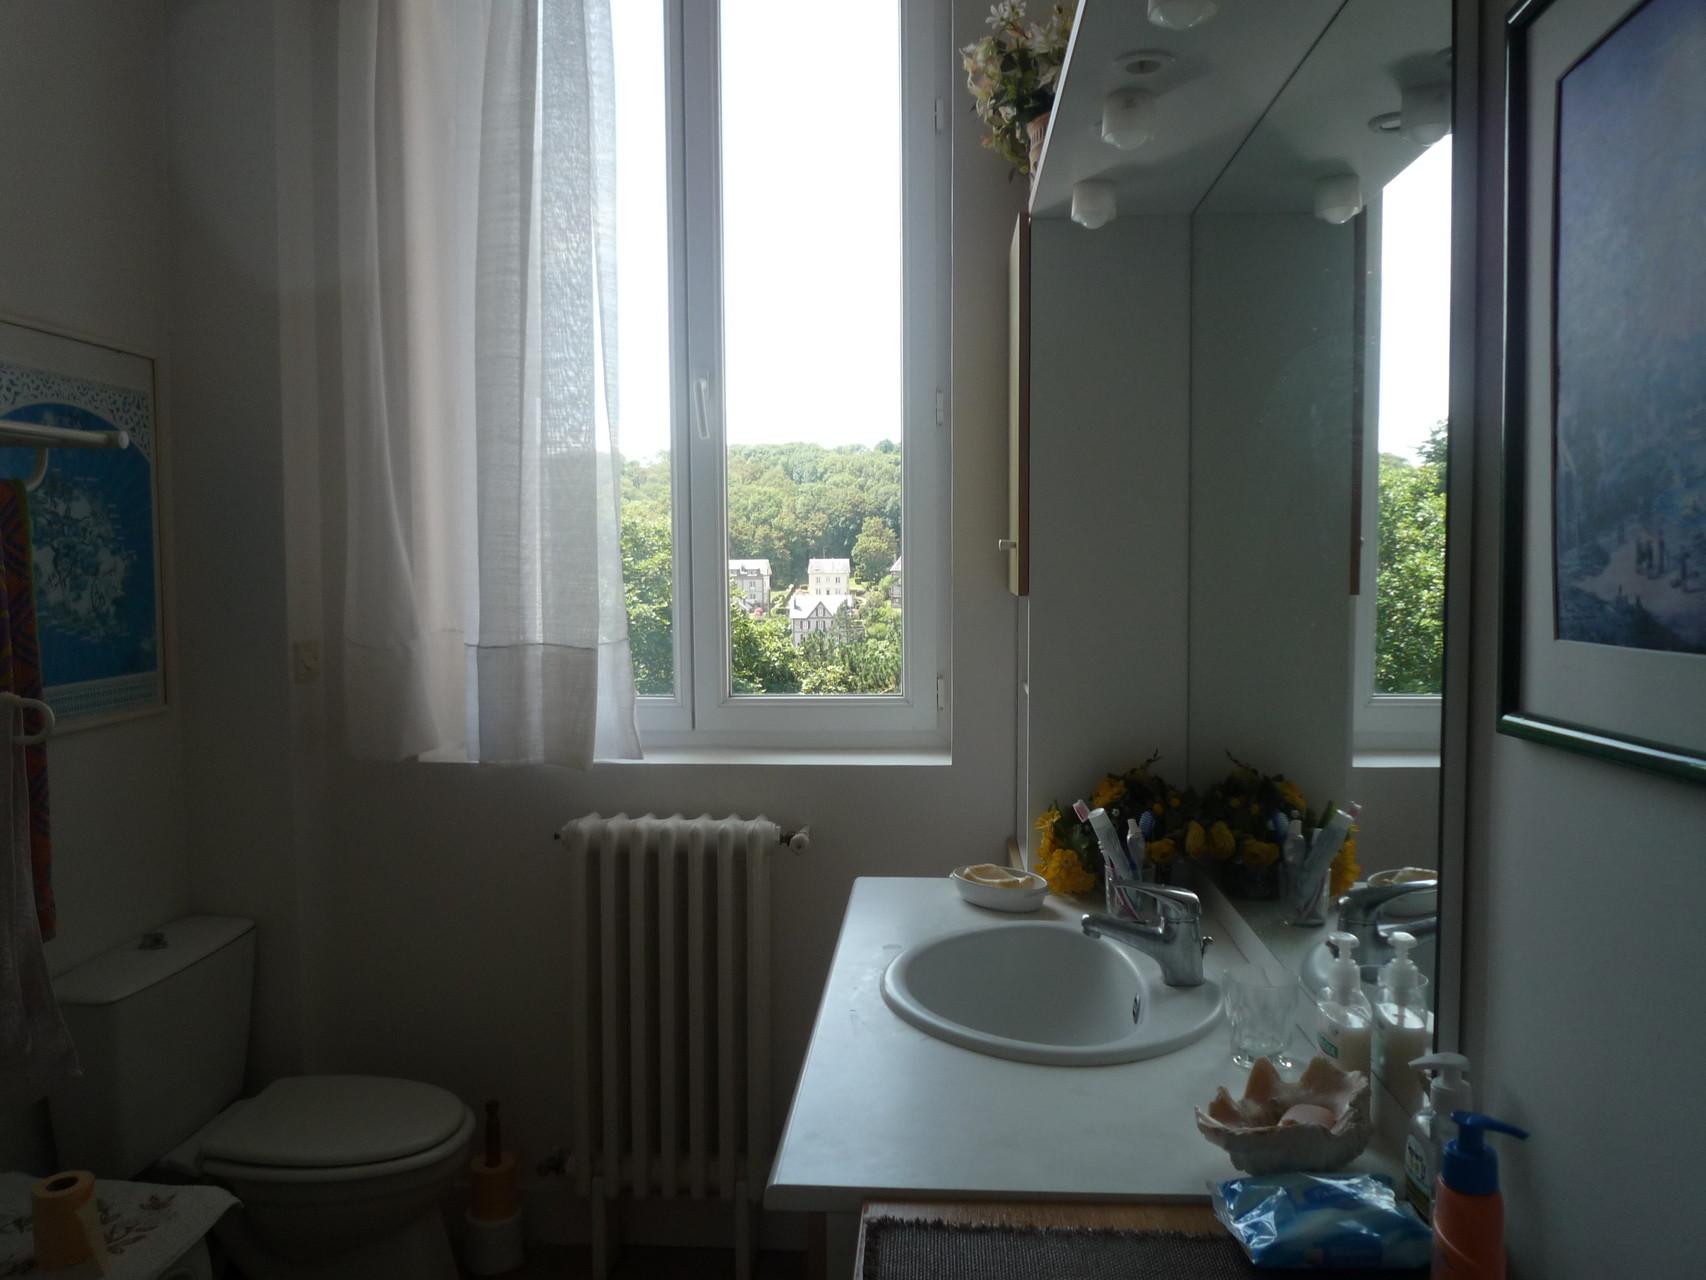 Salle de bain du premier étage, équipée de toiellettes et d'une douche, non visibles sur la photo